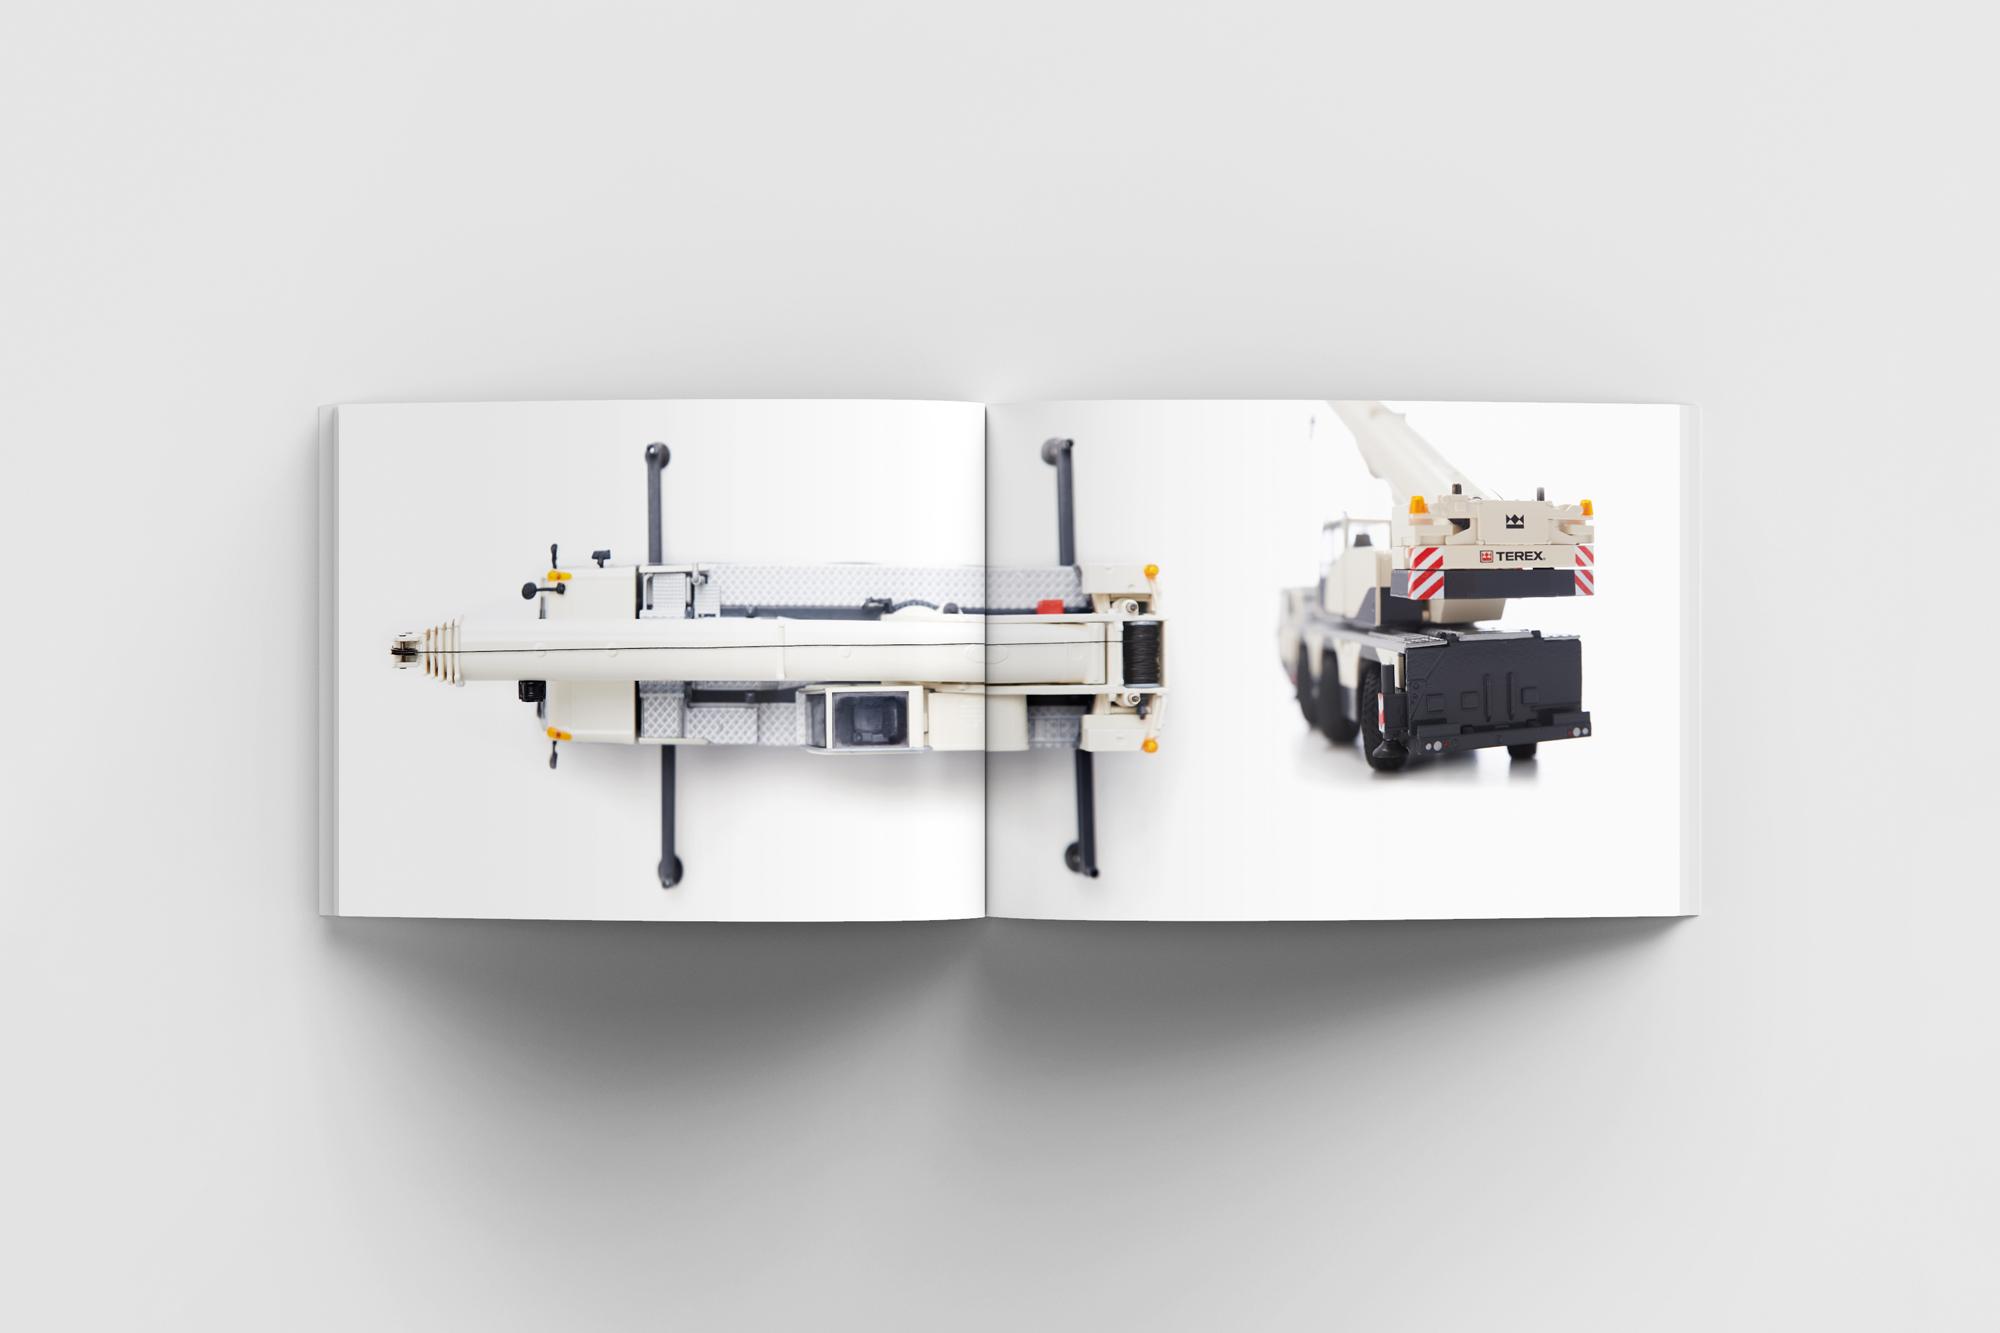 planx-conrad-modelle04